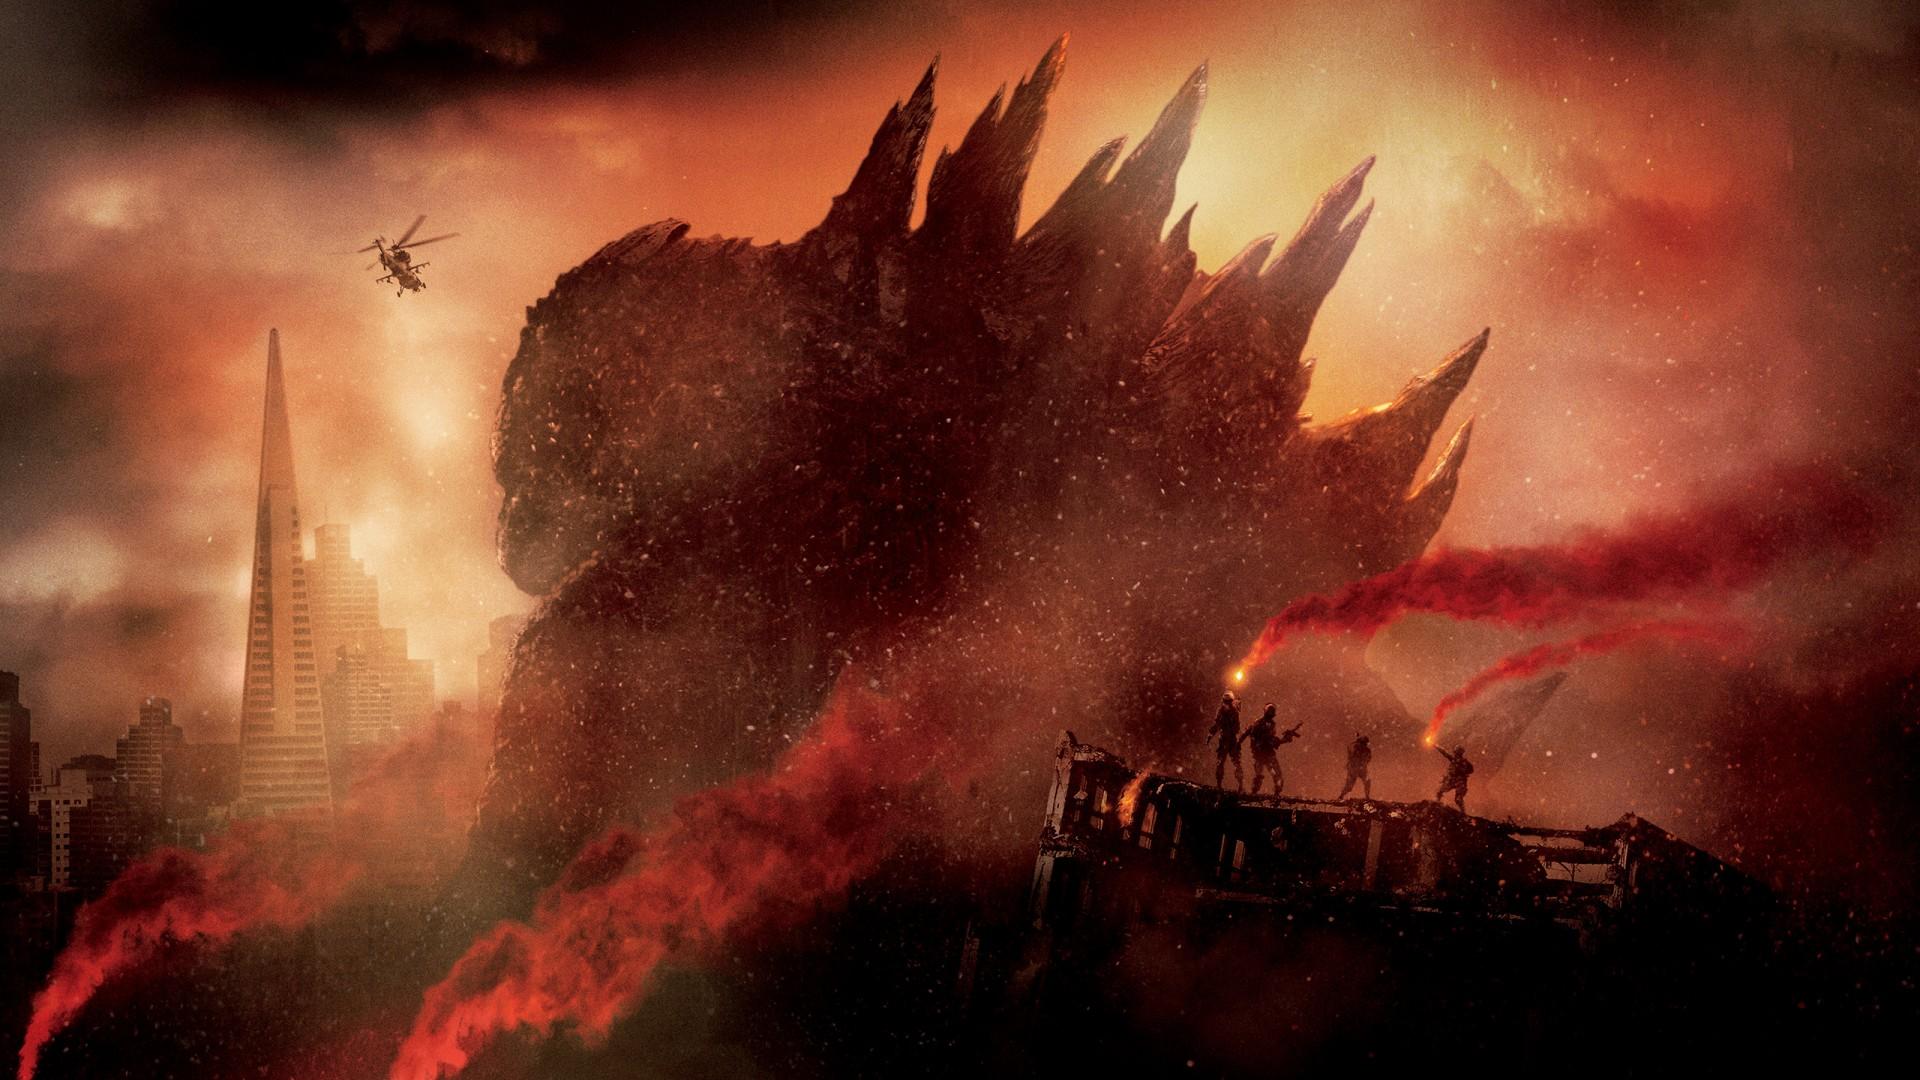 Godzilla Wallpaper Hd 1920x1080 Godzilla Wallpapers Hd Wallpapers Id 13369